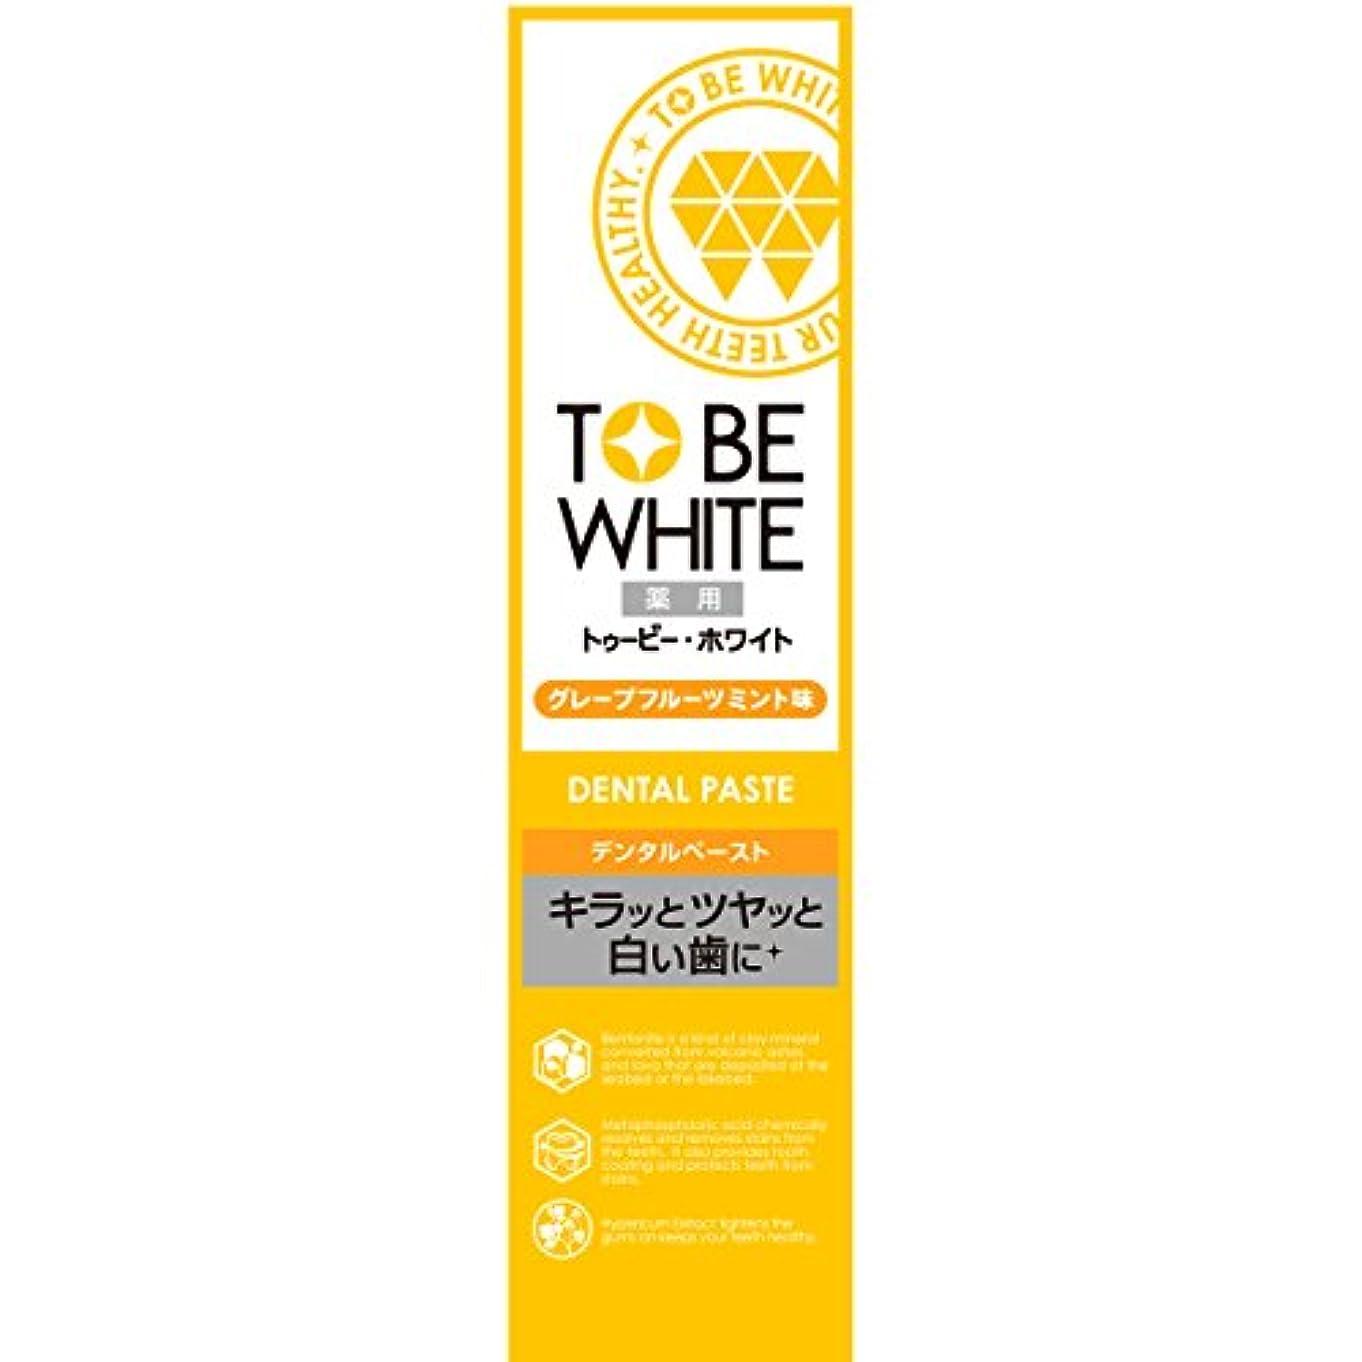 同化するクリーナーコンテストトゥービー?ホワイト 薬用 ホワイトニング ハミガキ粉 グレープフルーツミント 味 60g 【医薬部外品】